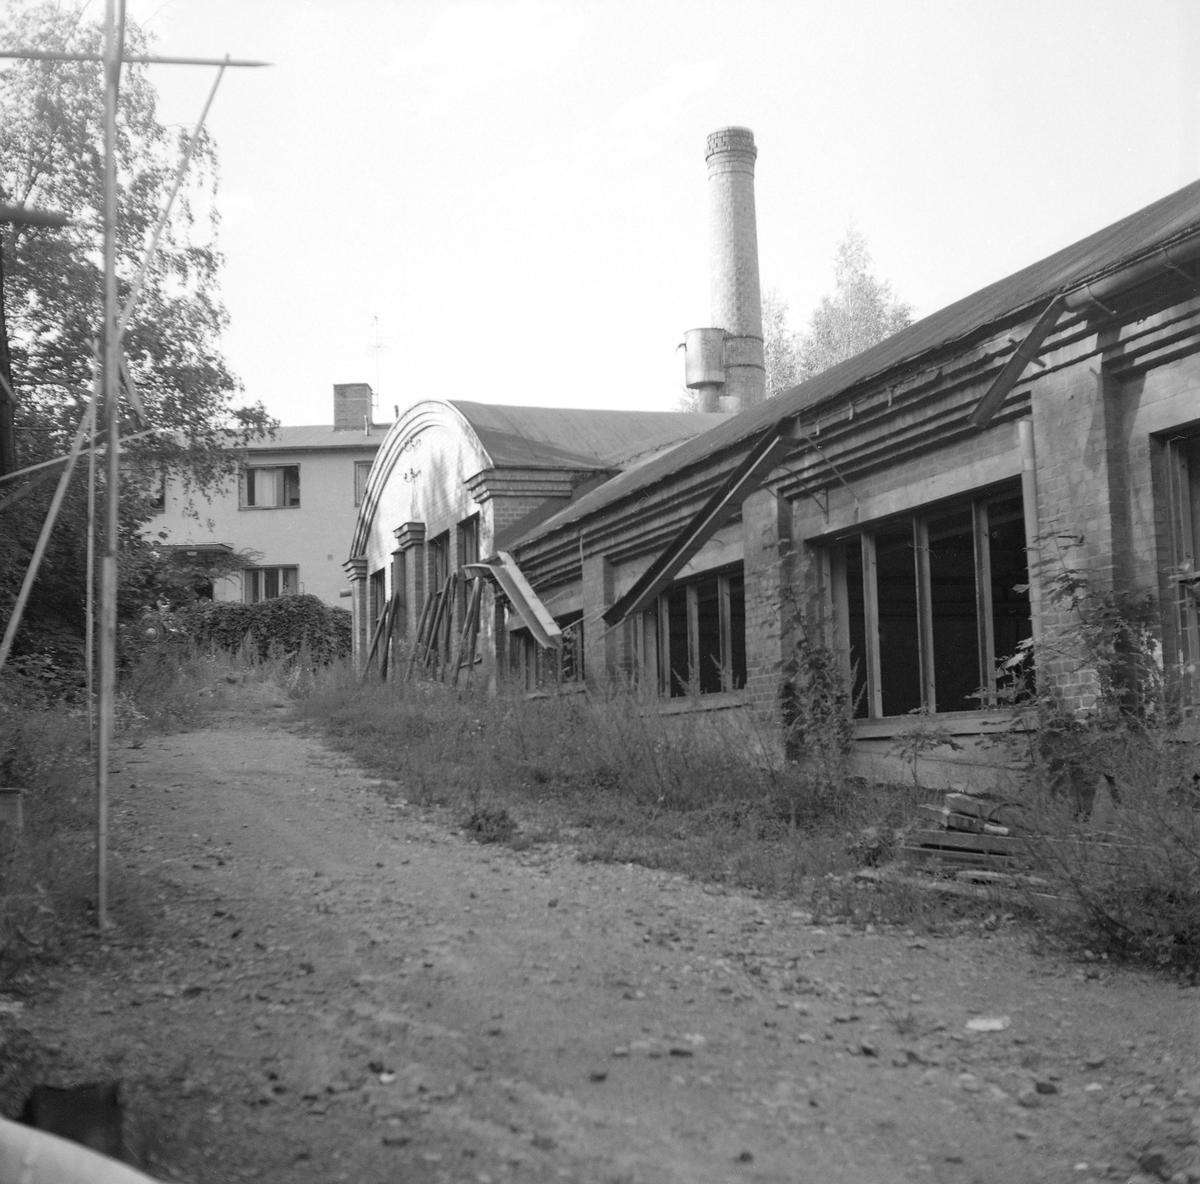 Hjulsbro ABs fabrik inför rivning. Här dokumenterad av Östergötlands museum 1977. Verksamheten på platsen startade 1907 genom grundandet av Hjulsbro Tråddrageri- och Spikfabrik. Från 1923 ägdes fabriken av den kände bankdirektören Jonn O. Nilsson i Linköping och med honom kom verksamheten åter på fötter efter en svår period under  krigsåren och följande depression. Fabriksbyggnaden på bilden uppfördes på platsen för en äldre som blivit lågornas rov 1930. Från 1964 ägdes företaget av Halmstad Järnverk, i folkmun Hamstadstål. I bakgrunden skymtar fabrikskontoret med arbetarebostäder.